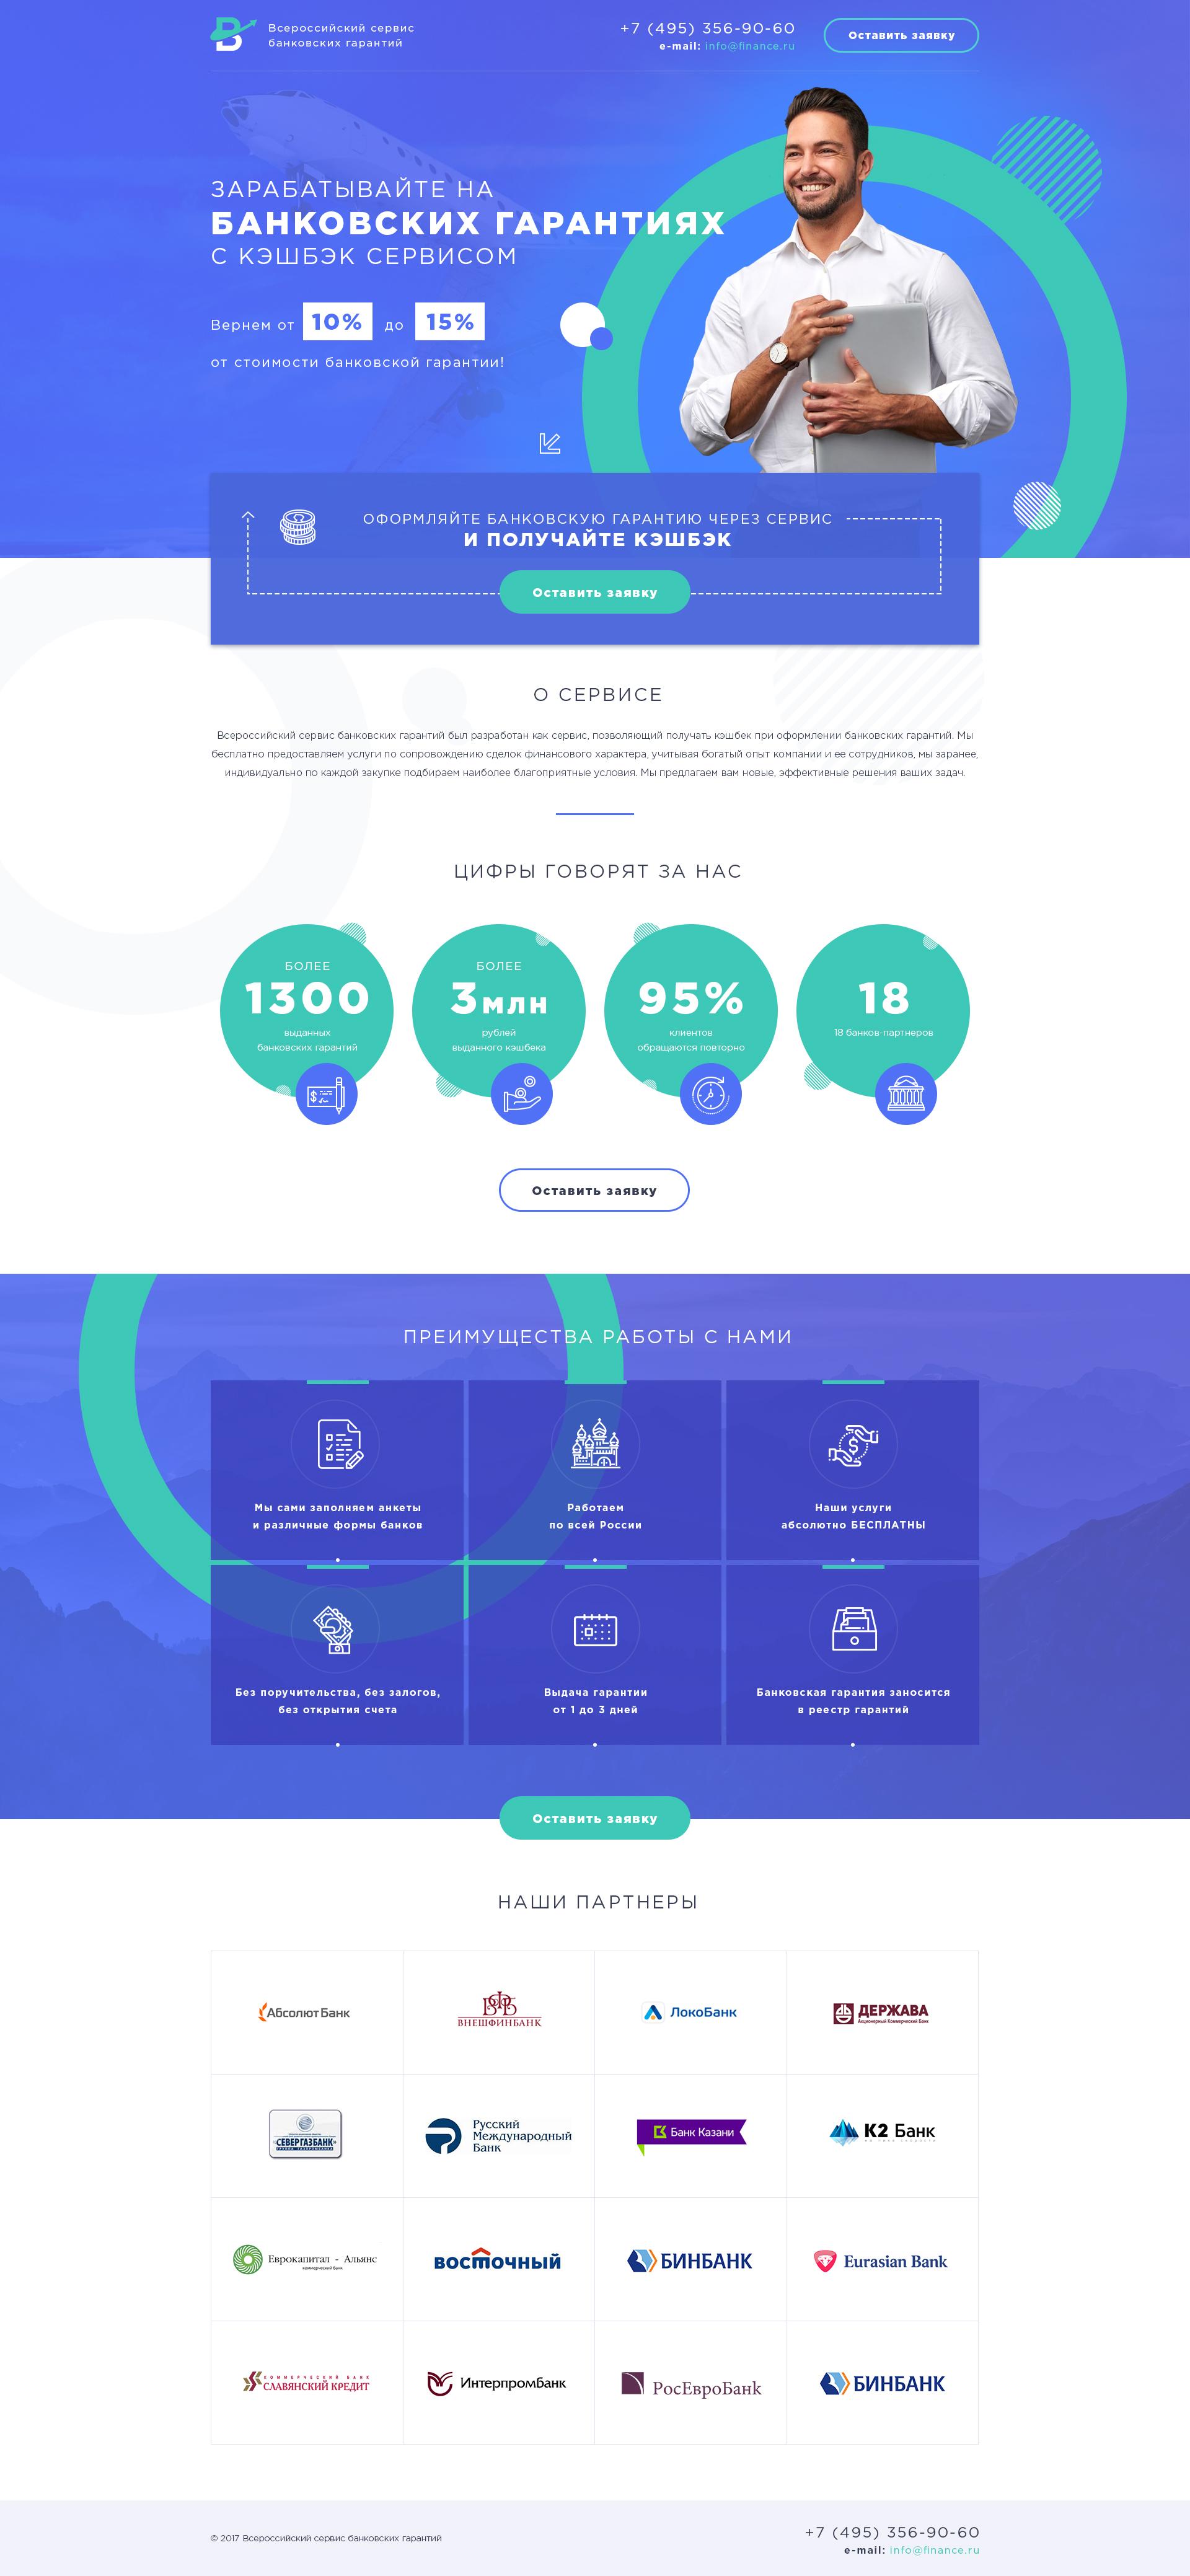 Дизайн Landing Page Всероссийский сервис банковских гарантий